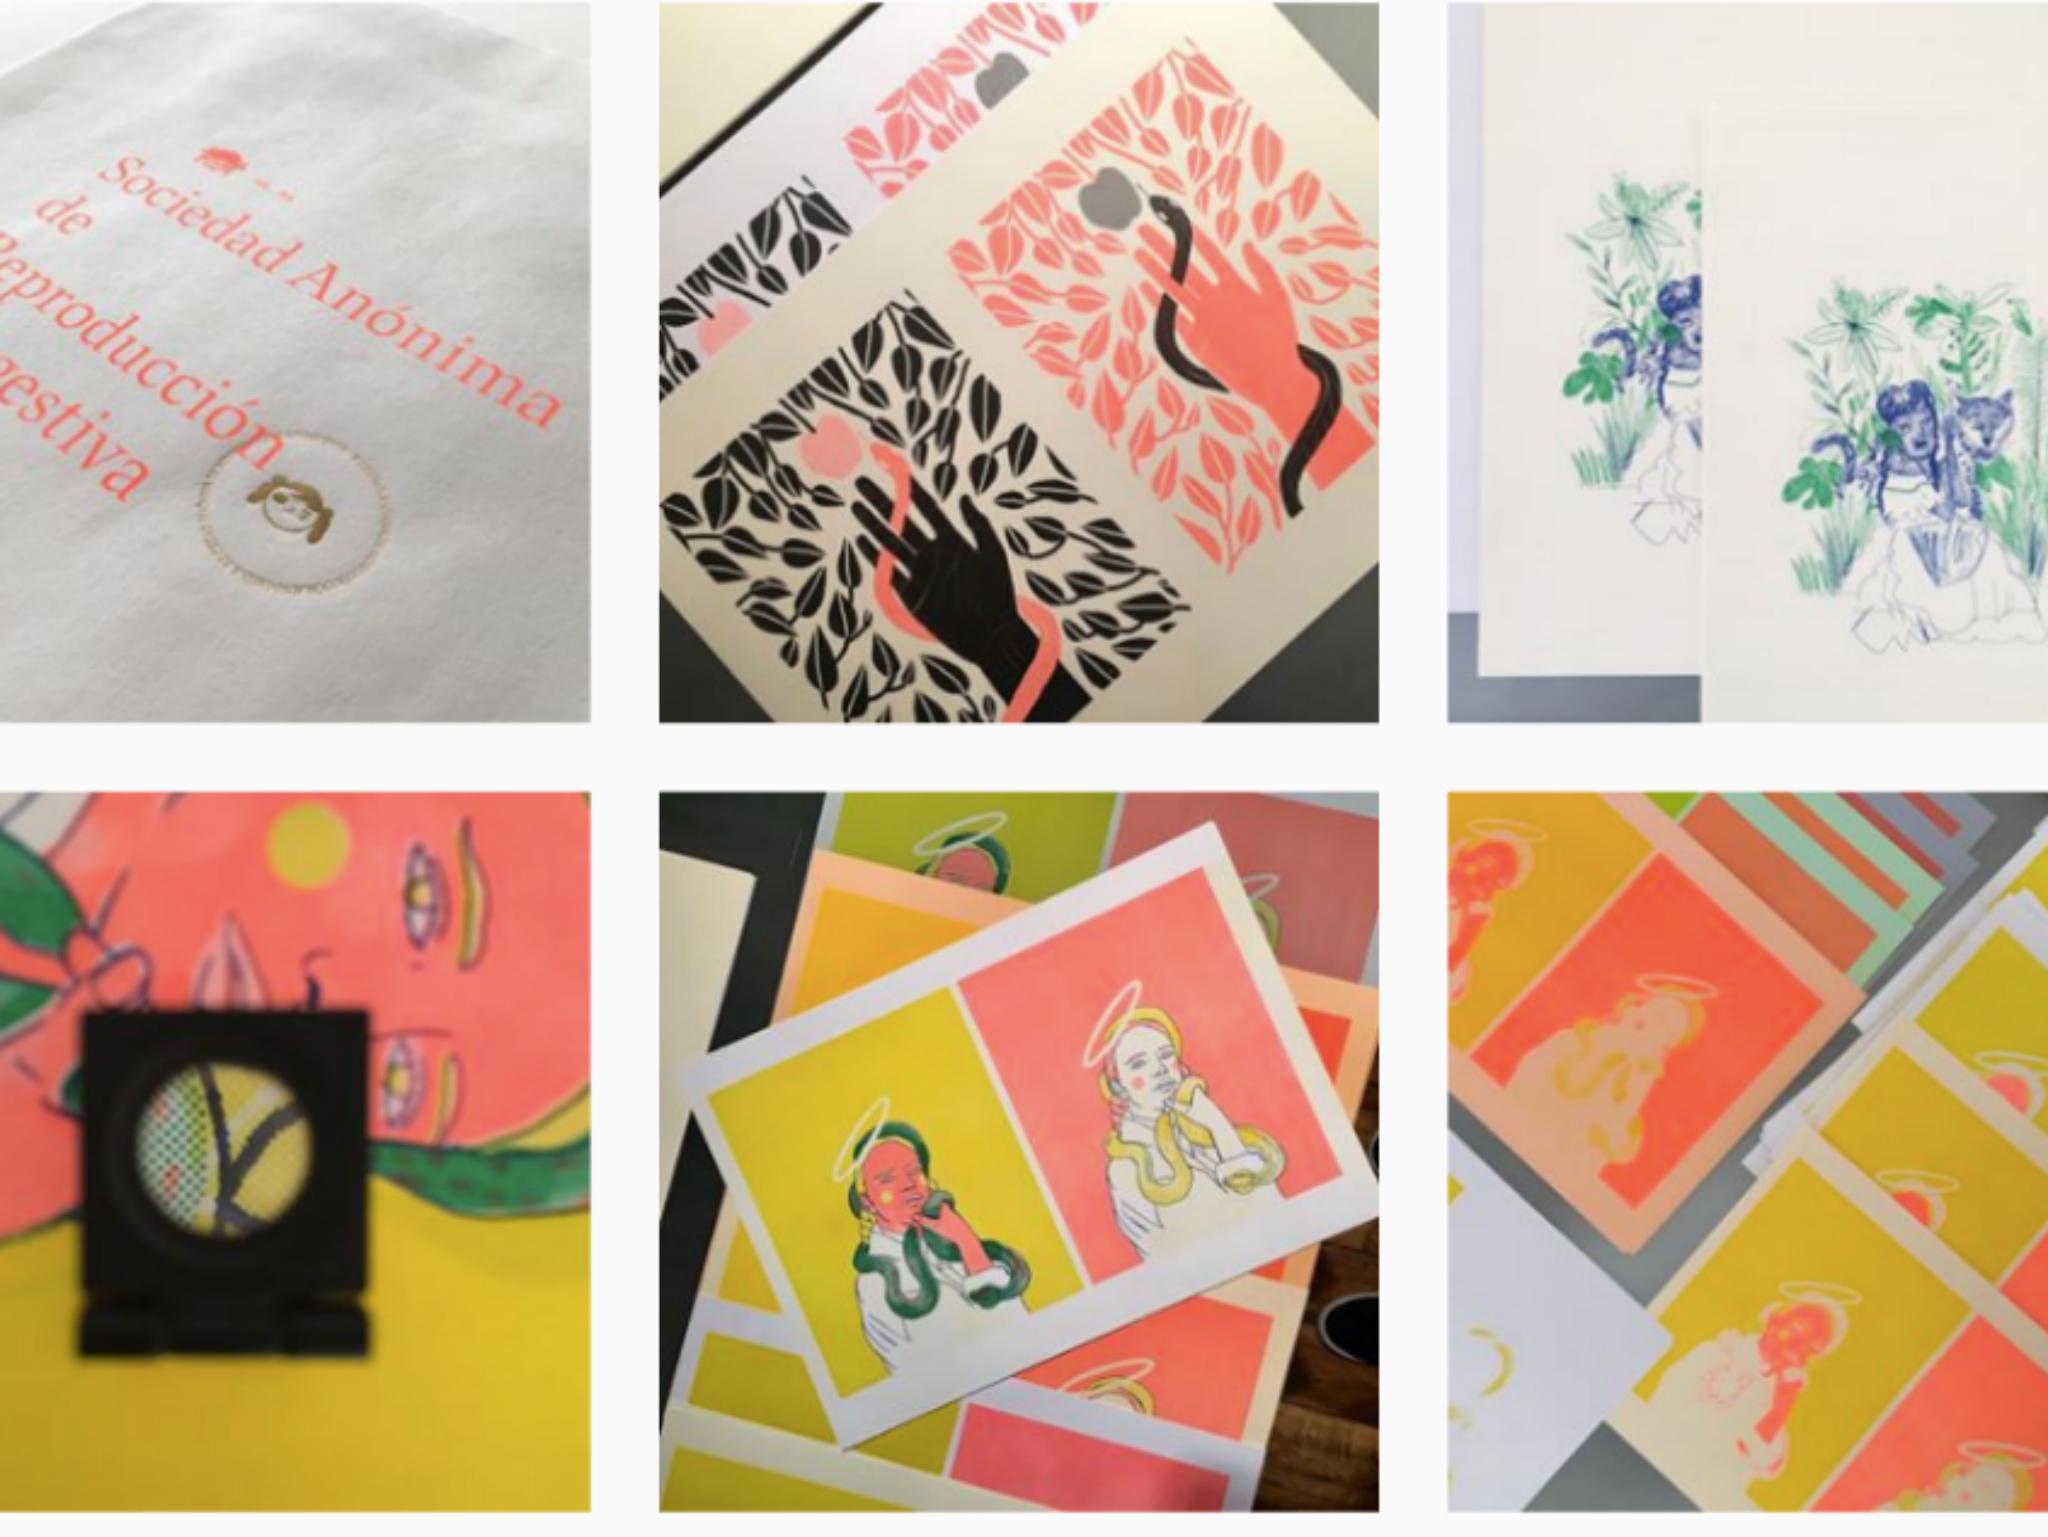 SUTIDO VOL. UNO, una exposición con ilustraciones de $50 en la CDMX